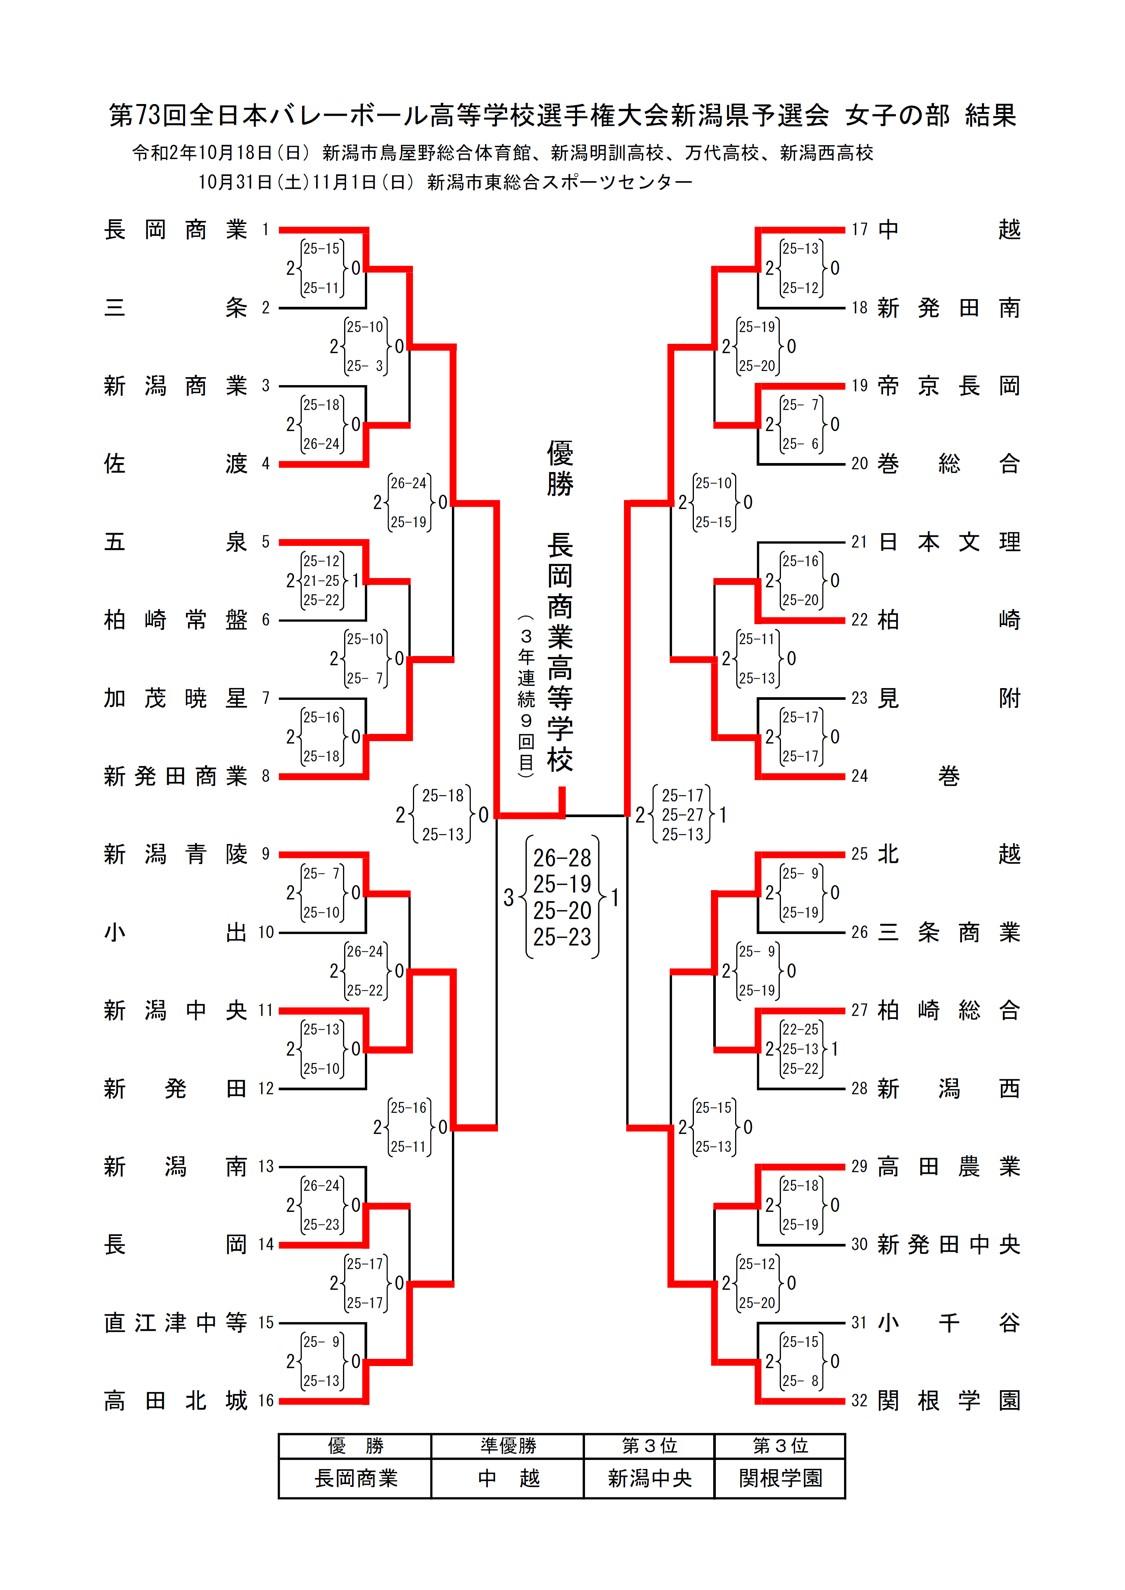 2020年度_全日本高校選手権_新潟予選_県大会_女子_最終結果